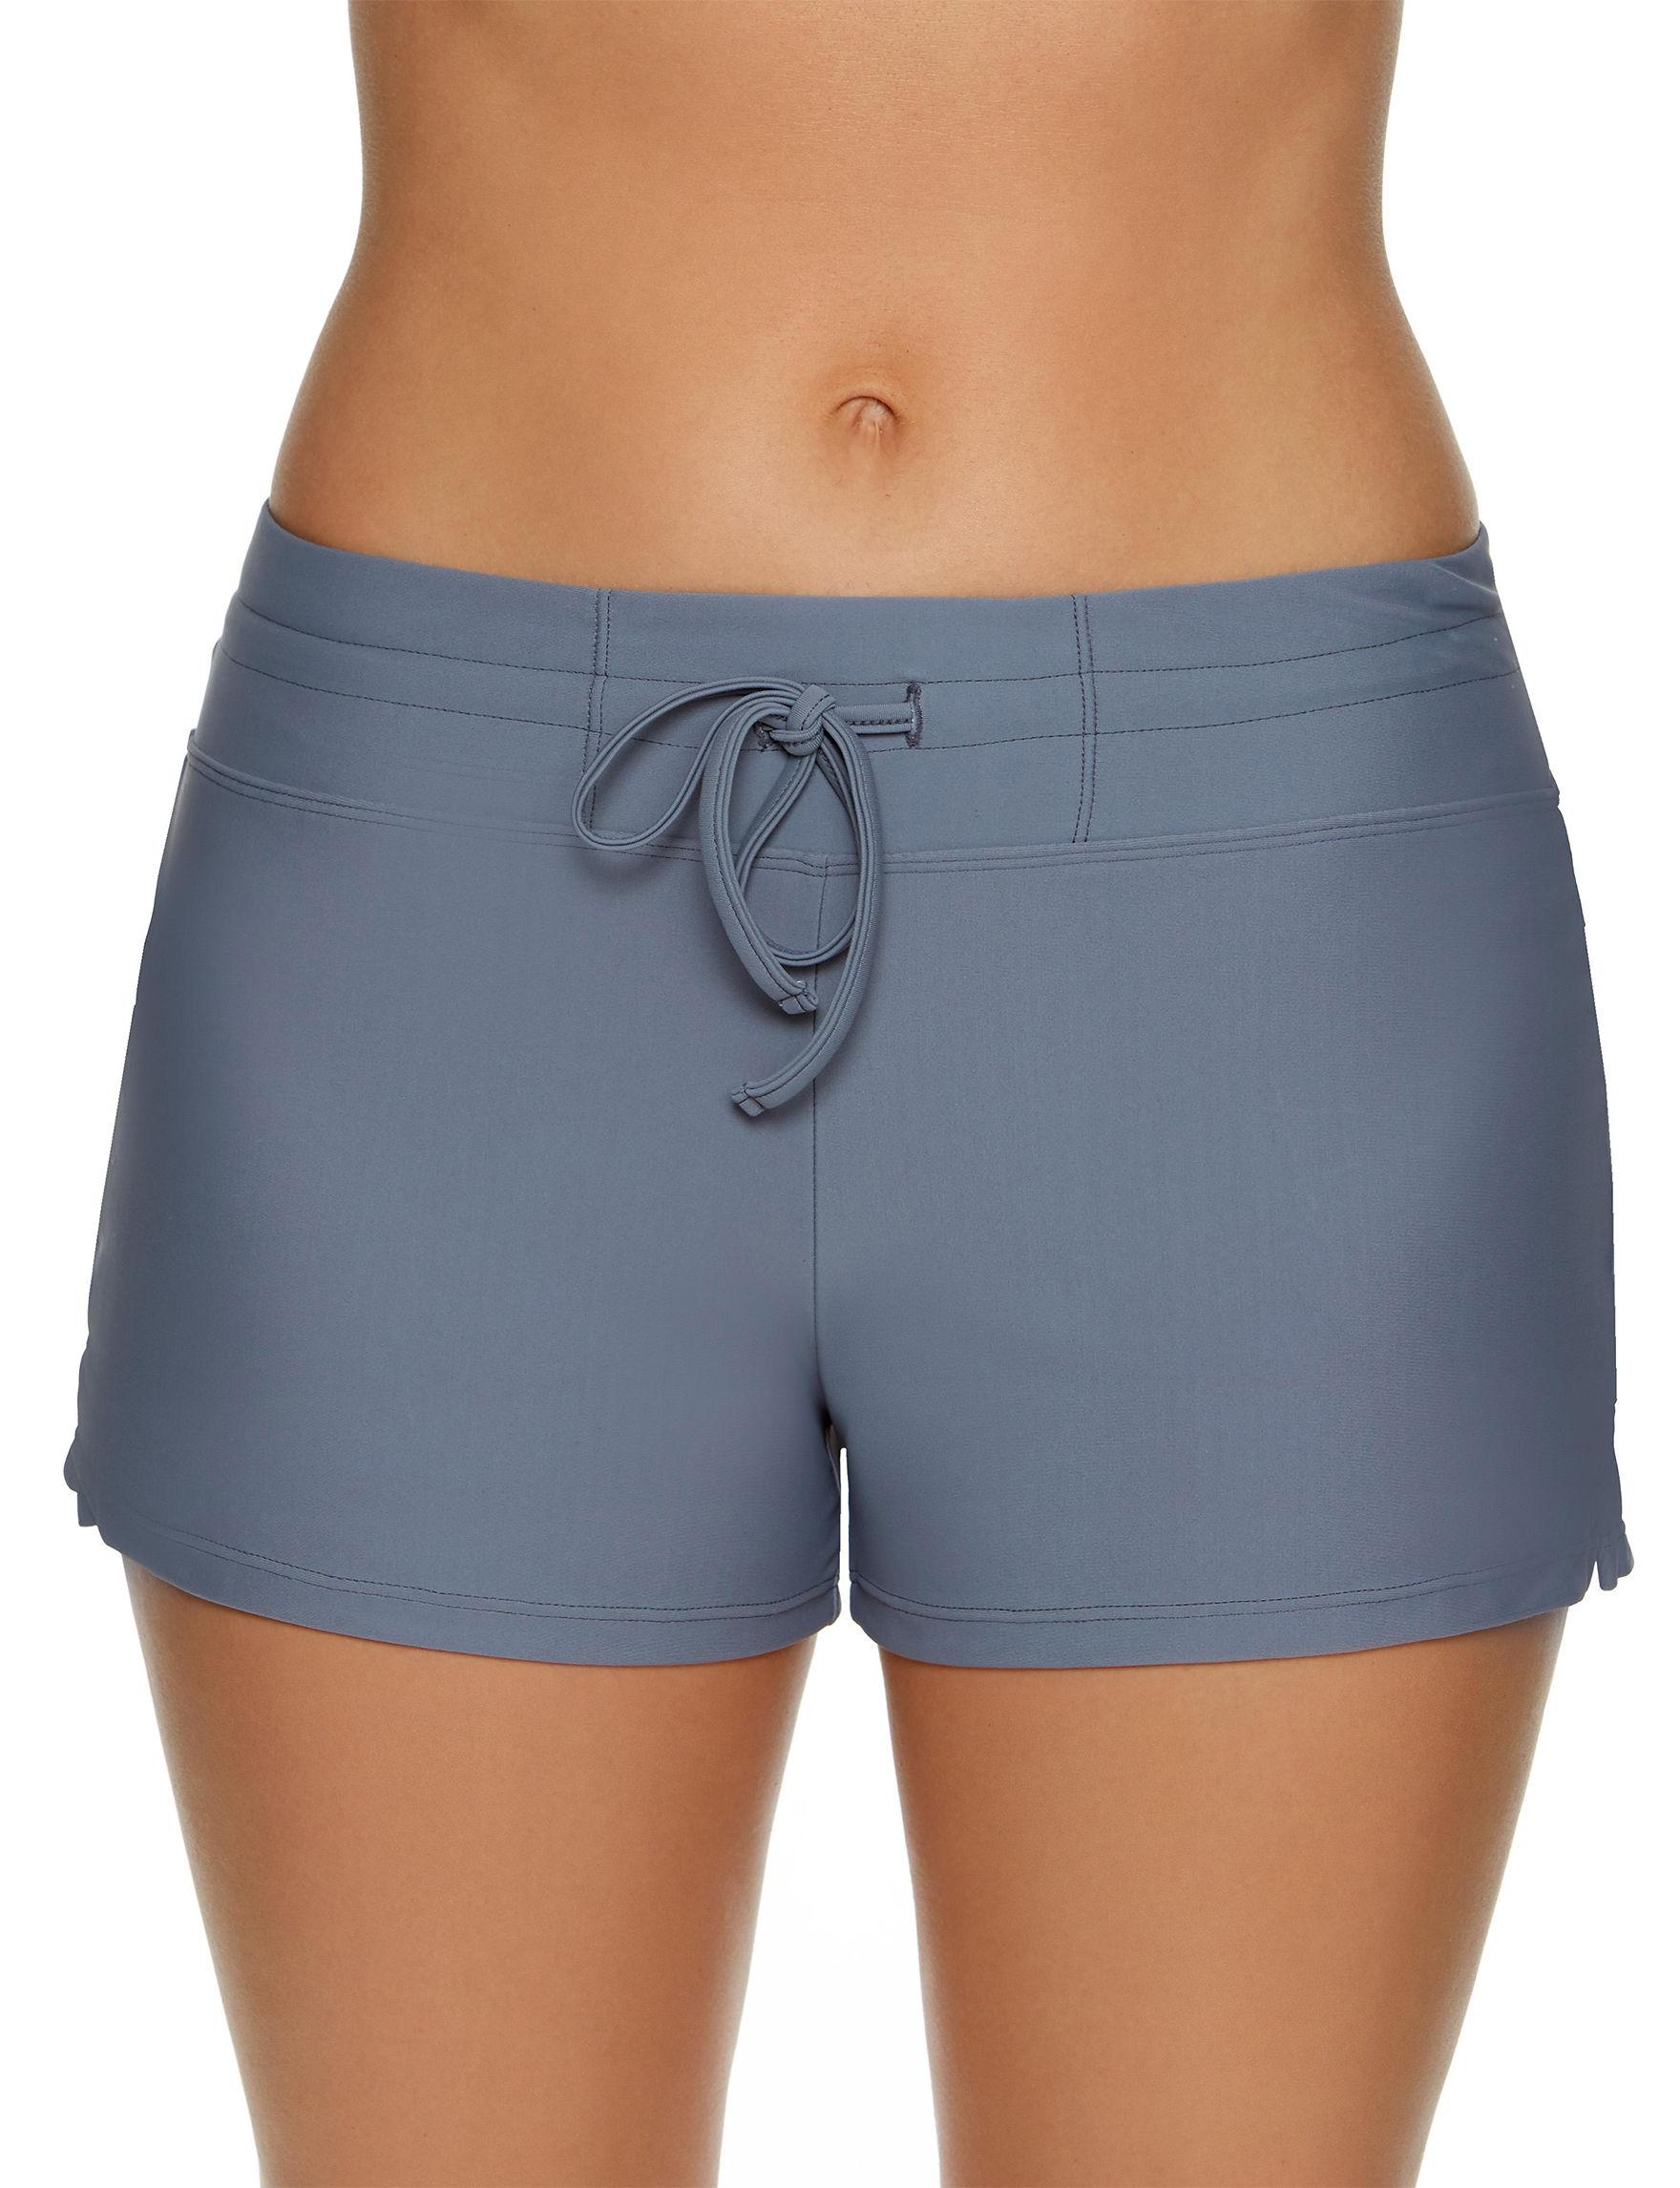 Splashletics Grey Swimsuit Bottoms Boyshort